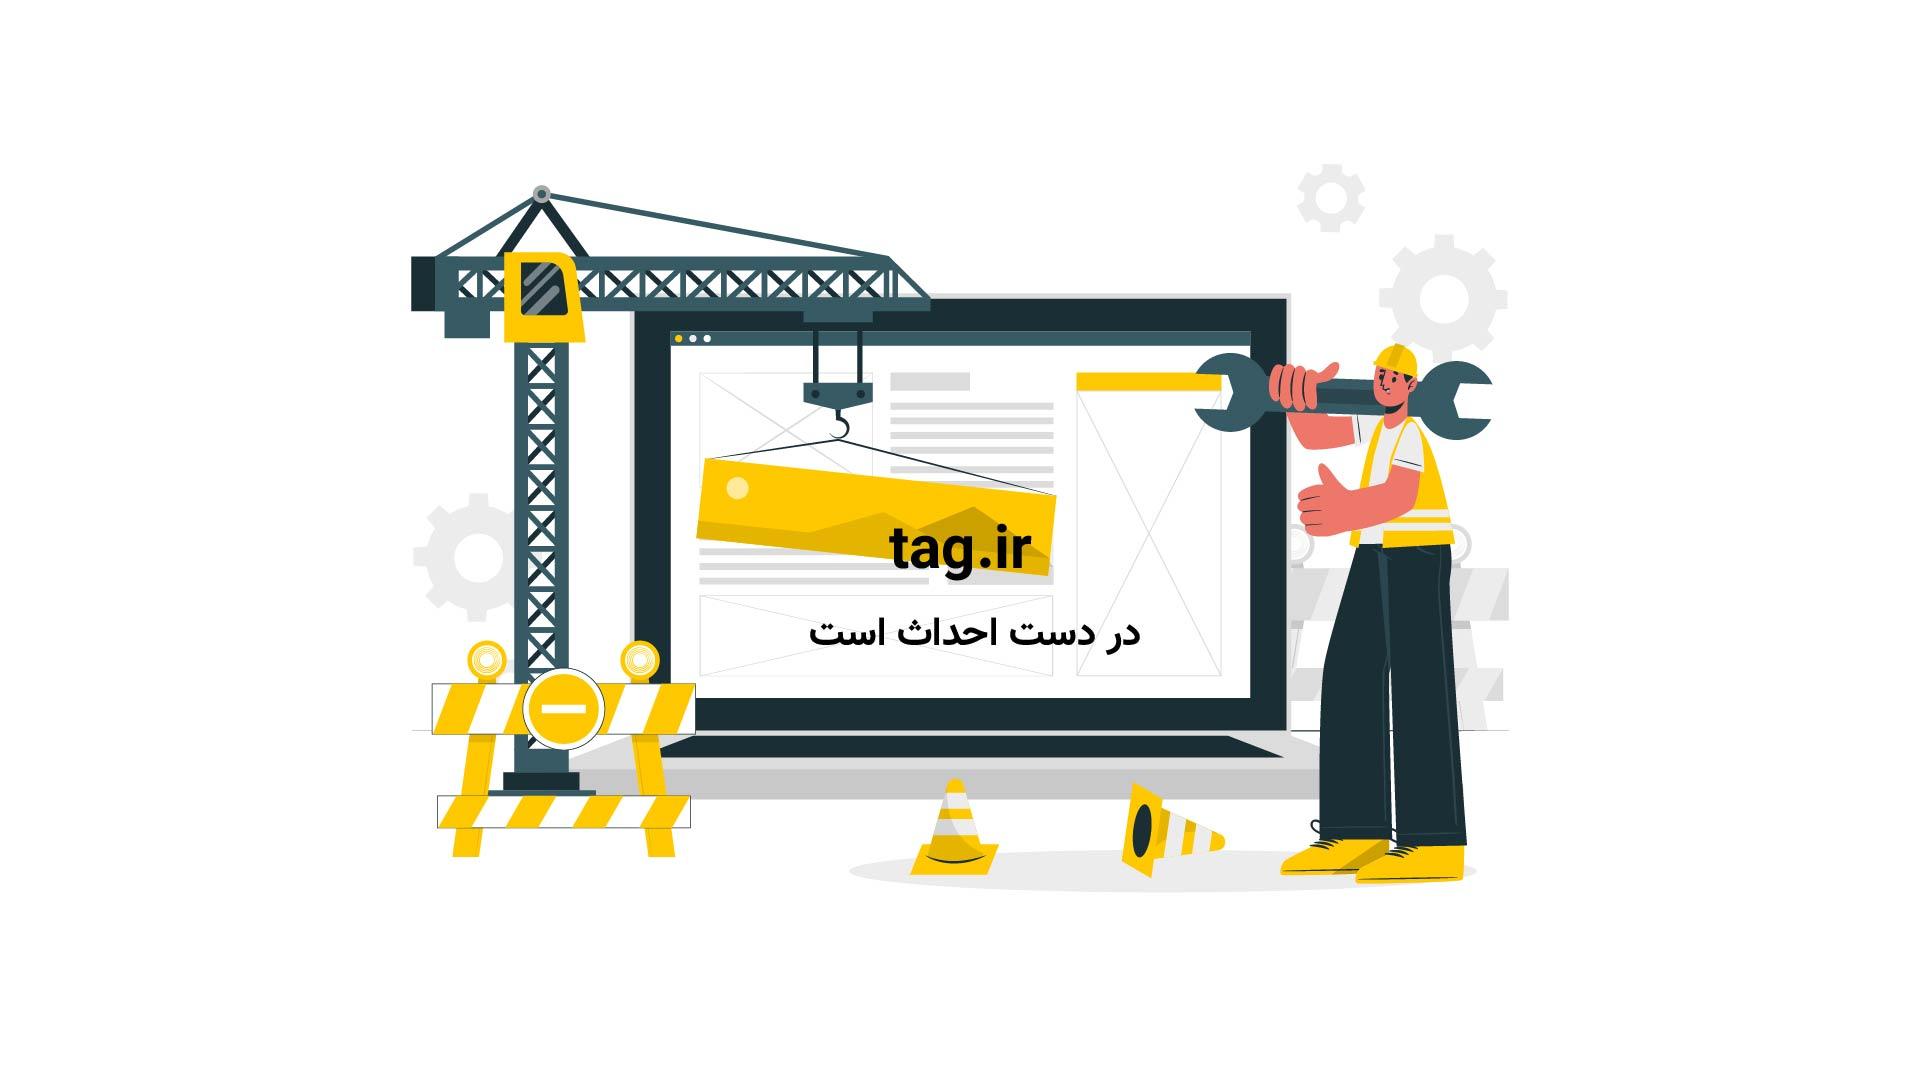 آلودگی-آسمان-نهران   تگ